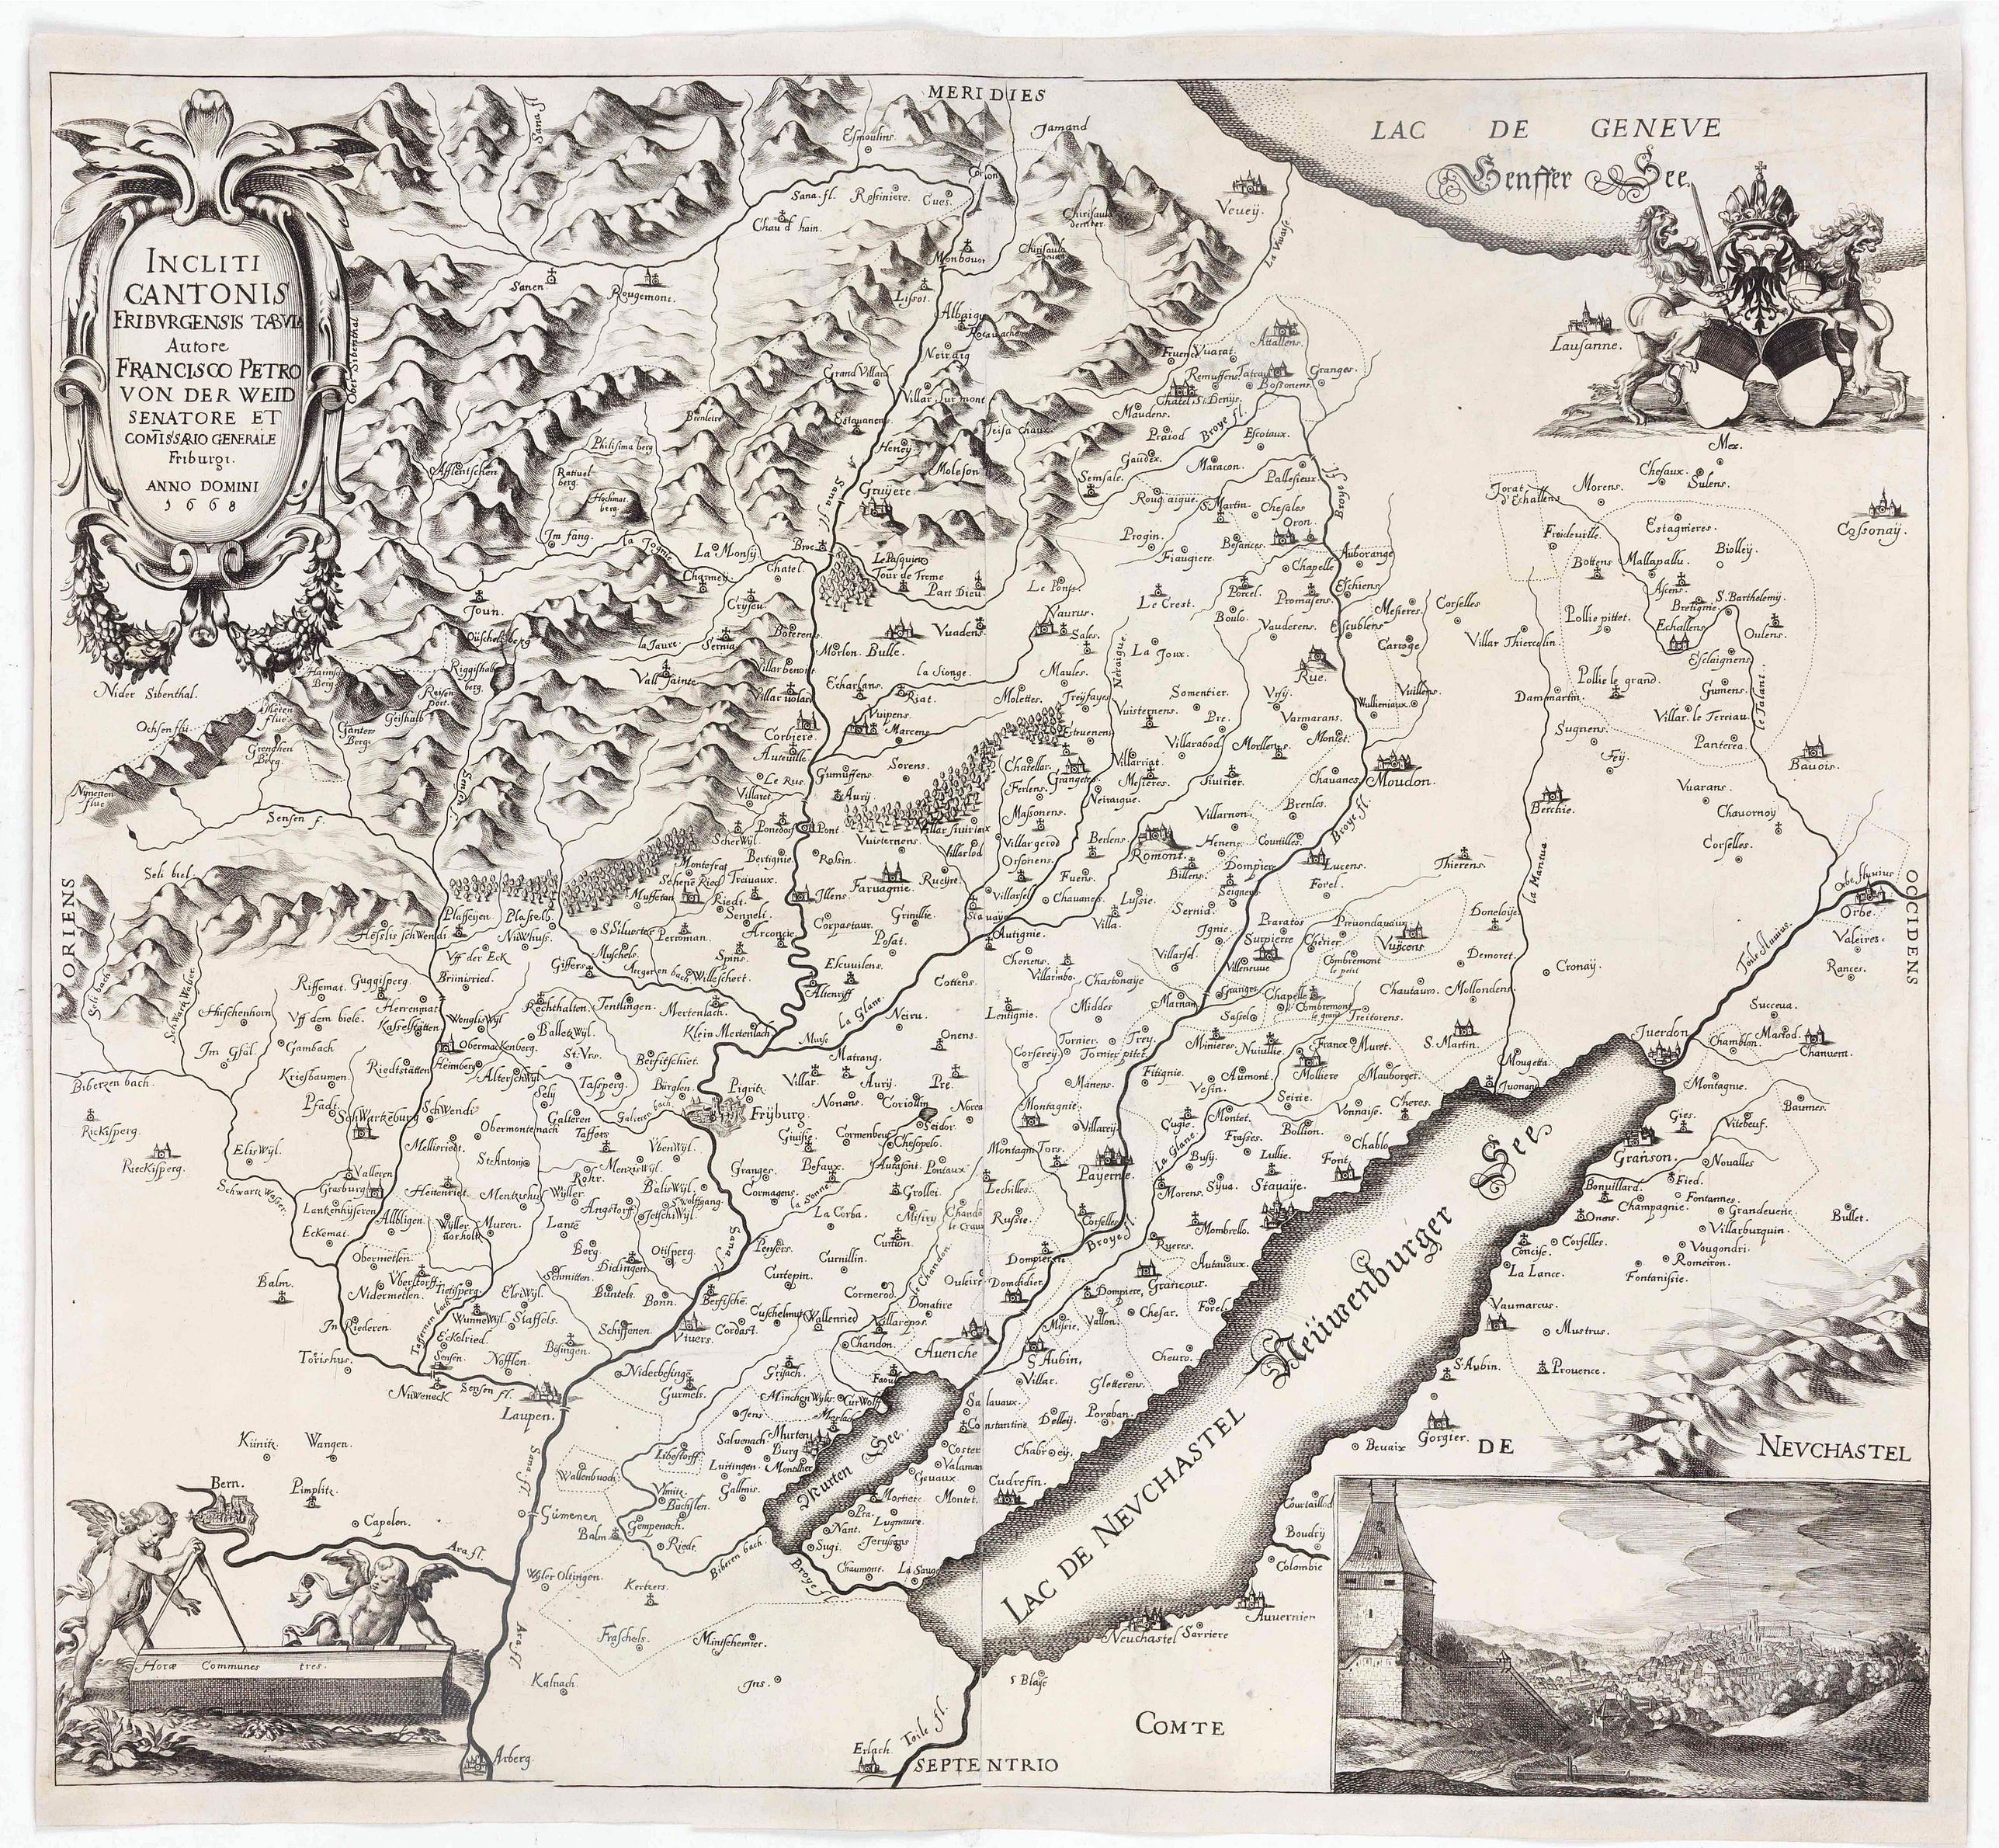 Von  der  WEID,  François  Pierre -  Incliti  Cantonis  Friburgensis  Tabula,  autore Francisco  Petro  VON  DER  WEID.  Senatore  et  Commissario generale  Friburgi.  anno  Domini  1668.